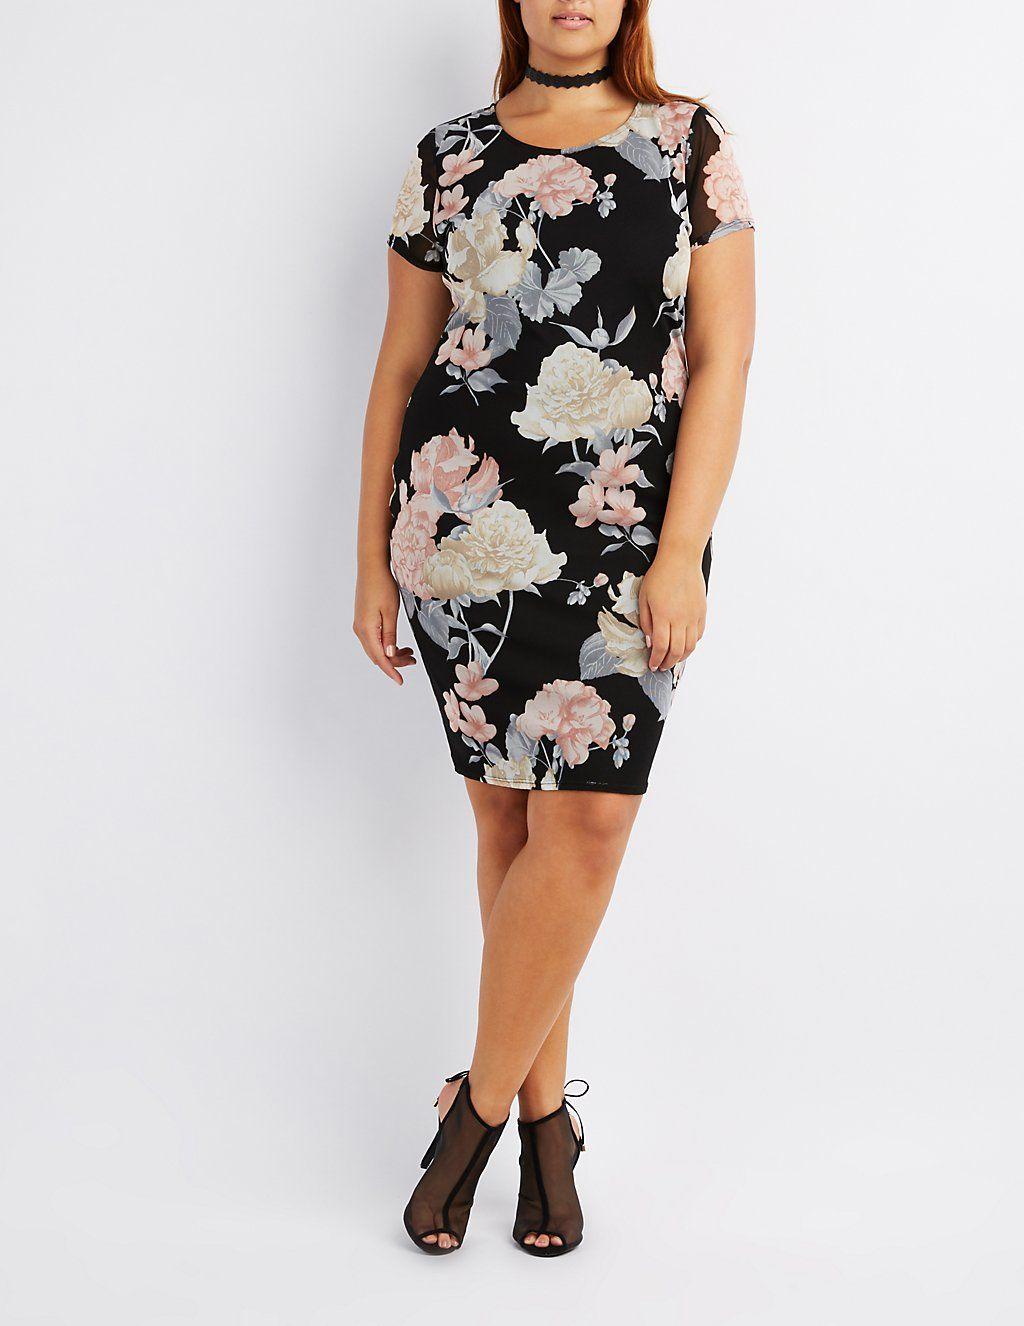 dac8a3218bd Plus Size Floral Mesh Bodycon Dress